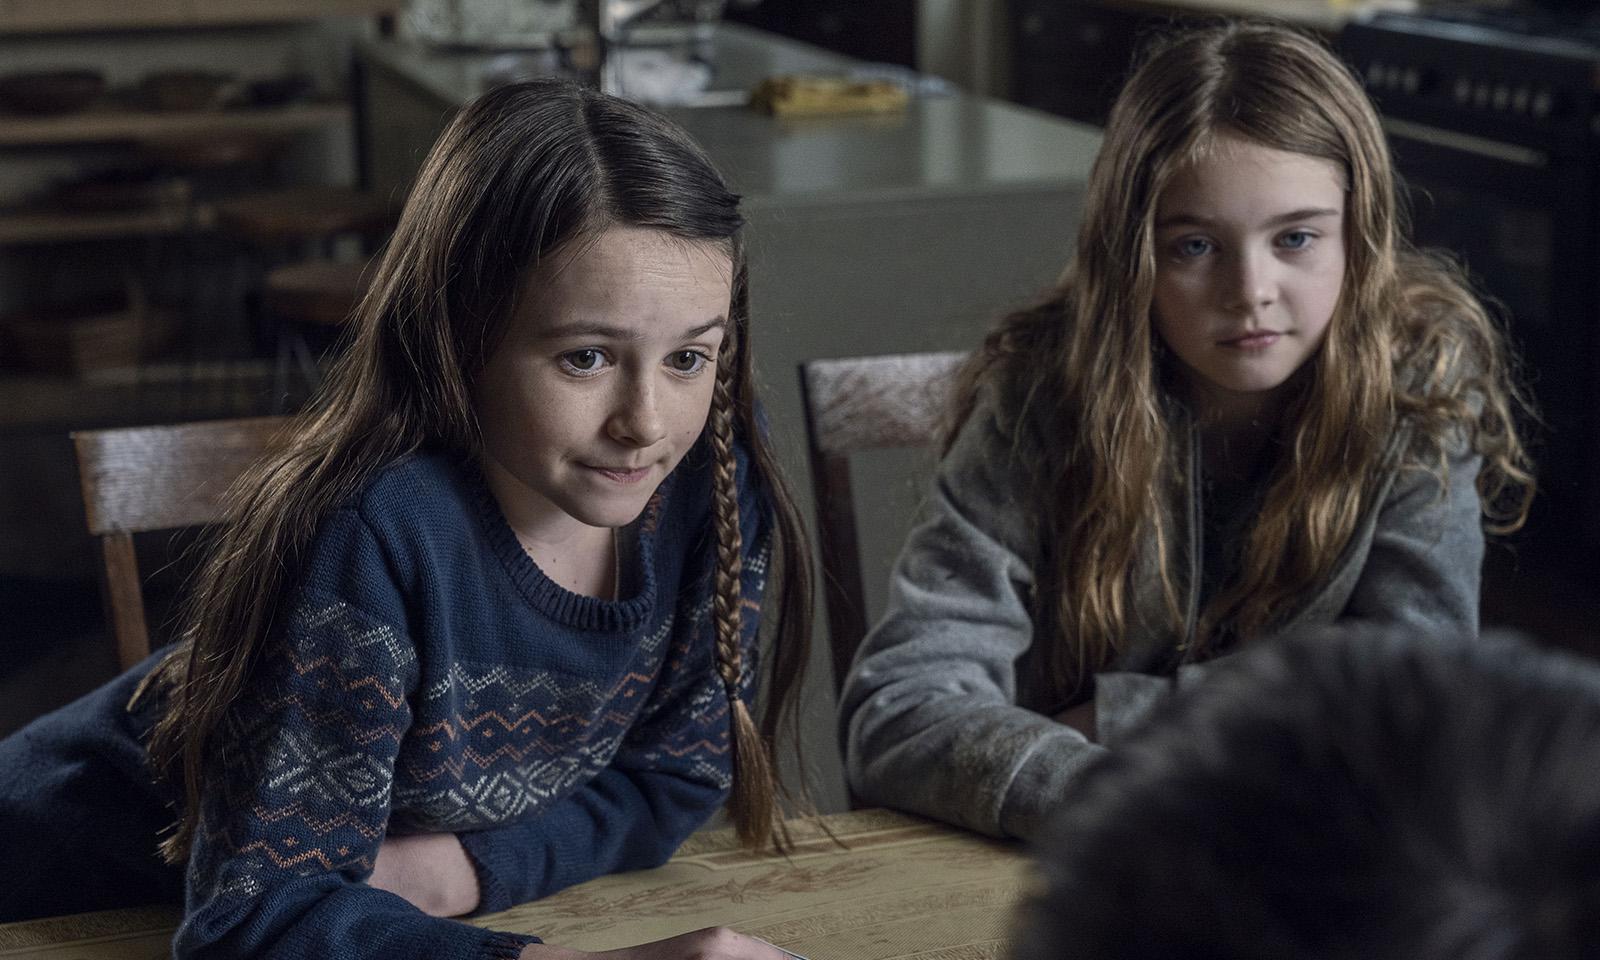 Judith e Gracie brincando com as outras crianças no episódio 3 - Hunted da 11ª temporada de The Walking Dead.